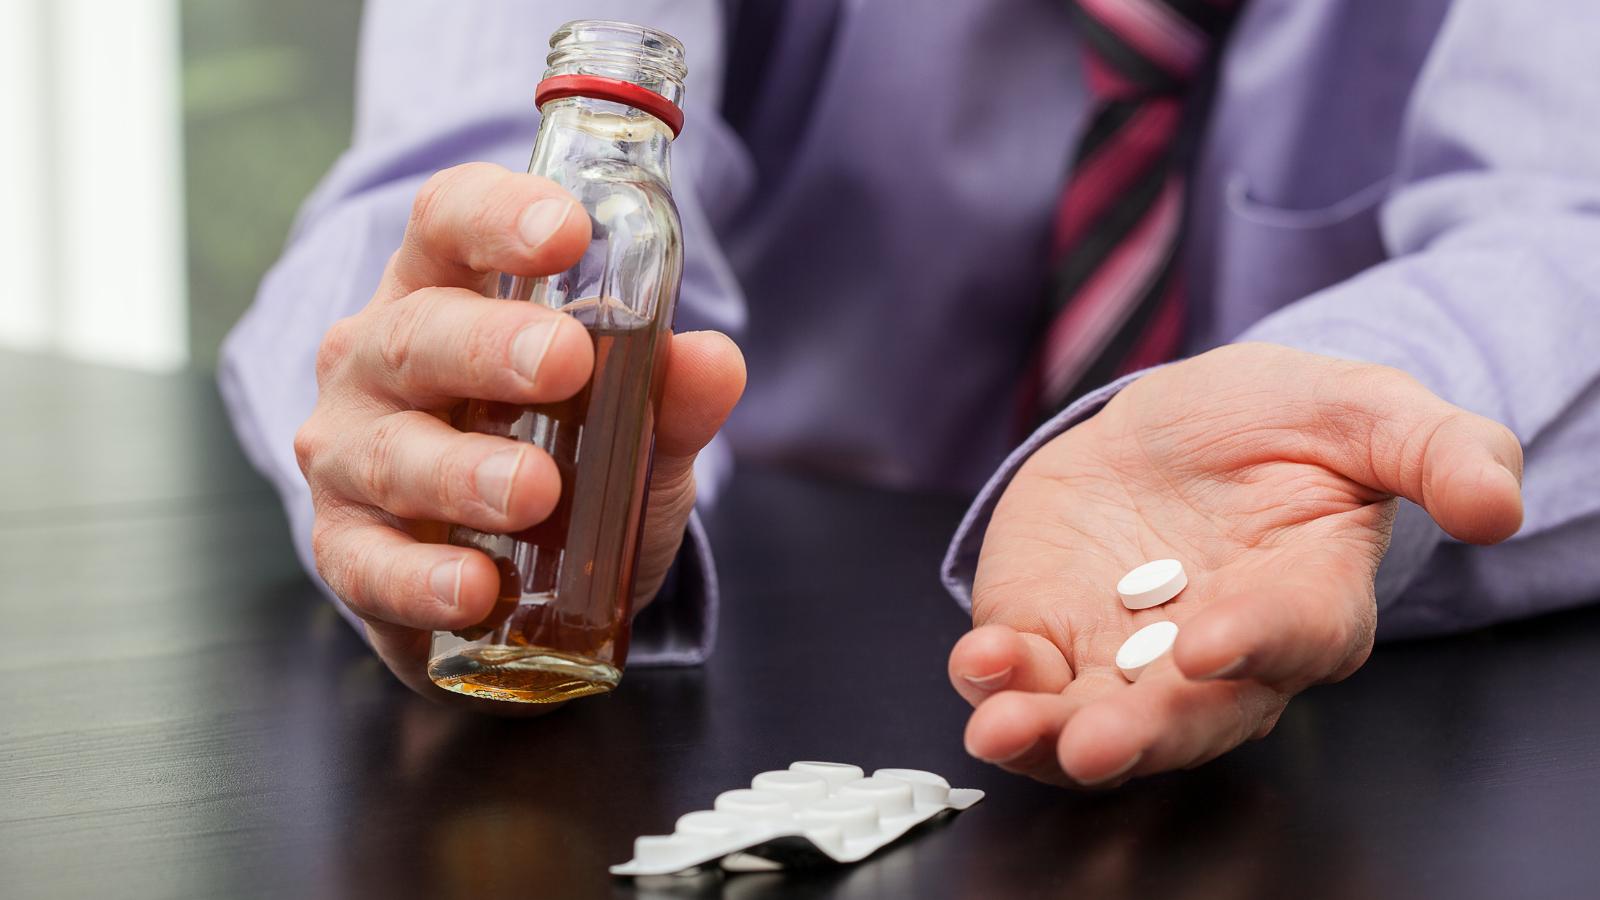 Ibuprofen and alcohol - a bad mix.